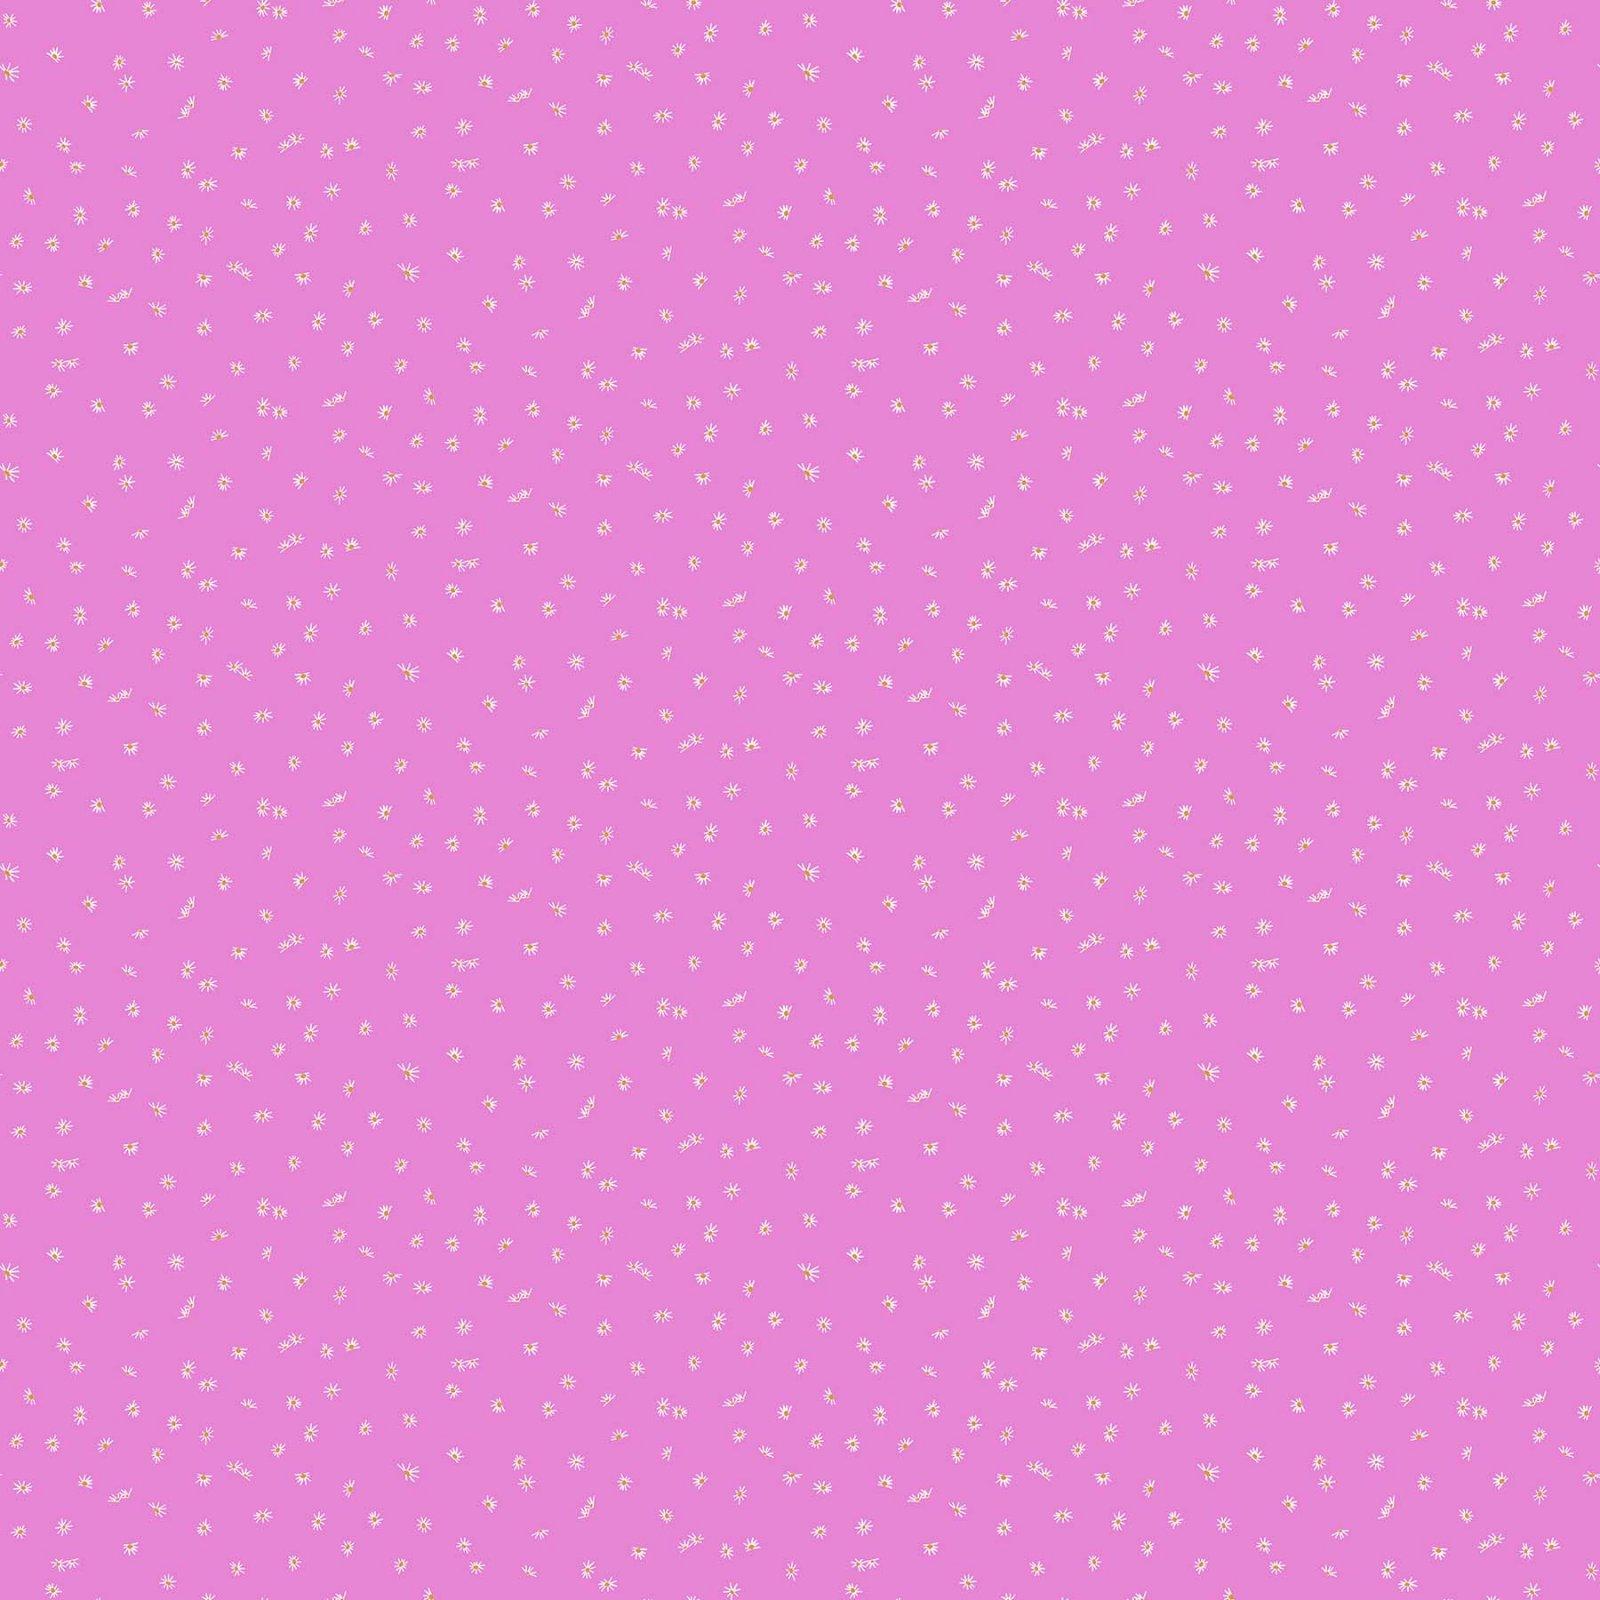 90335-21 Pink Dandelions